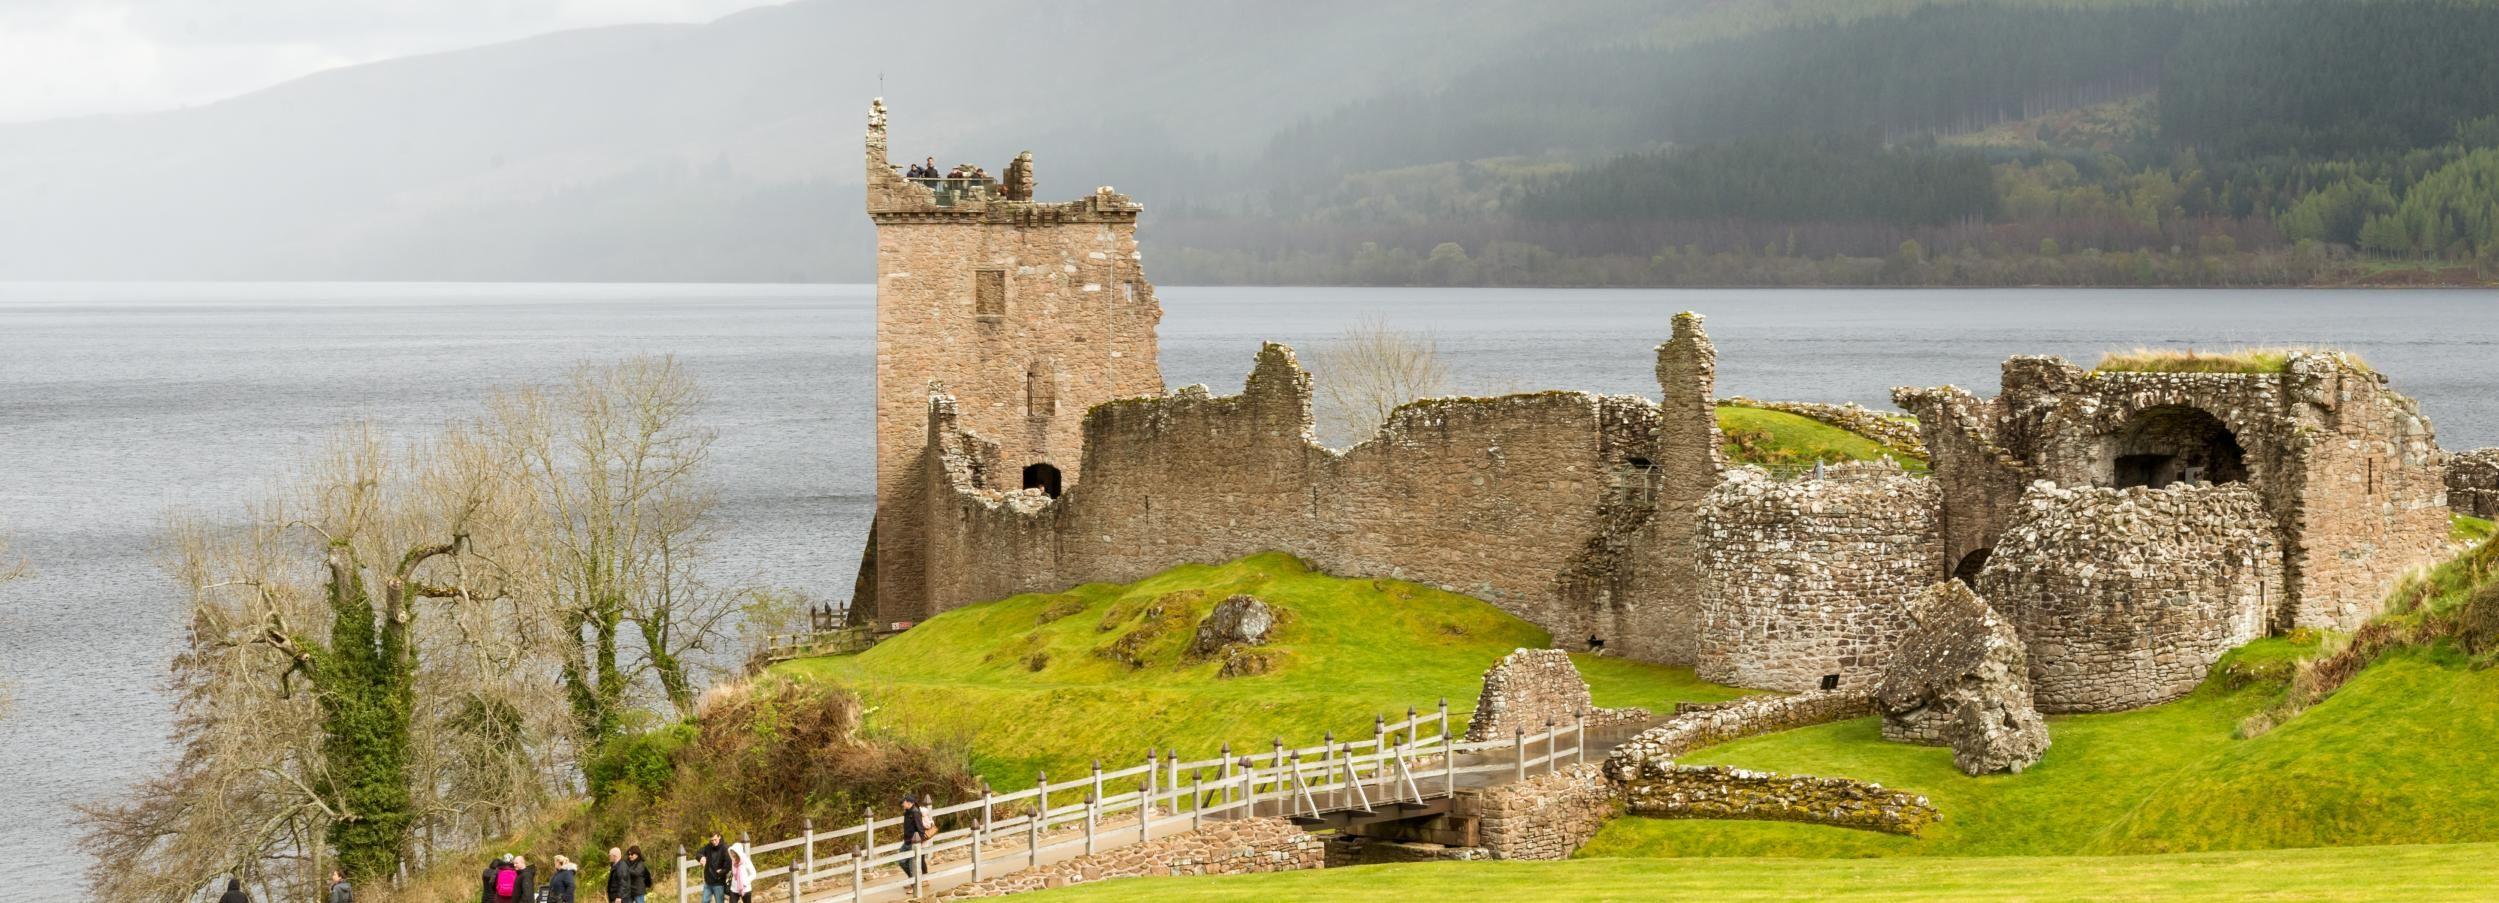 Tour por el Lago Ness, Glencoe y las Highlands: Edimburgo